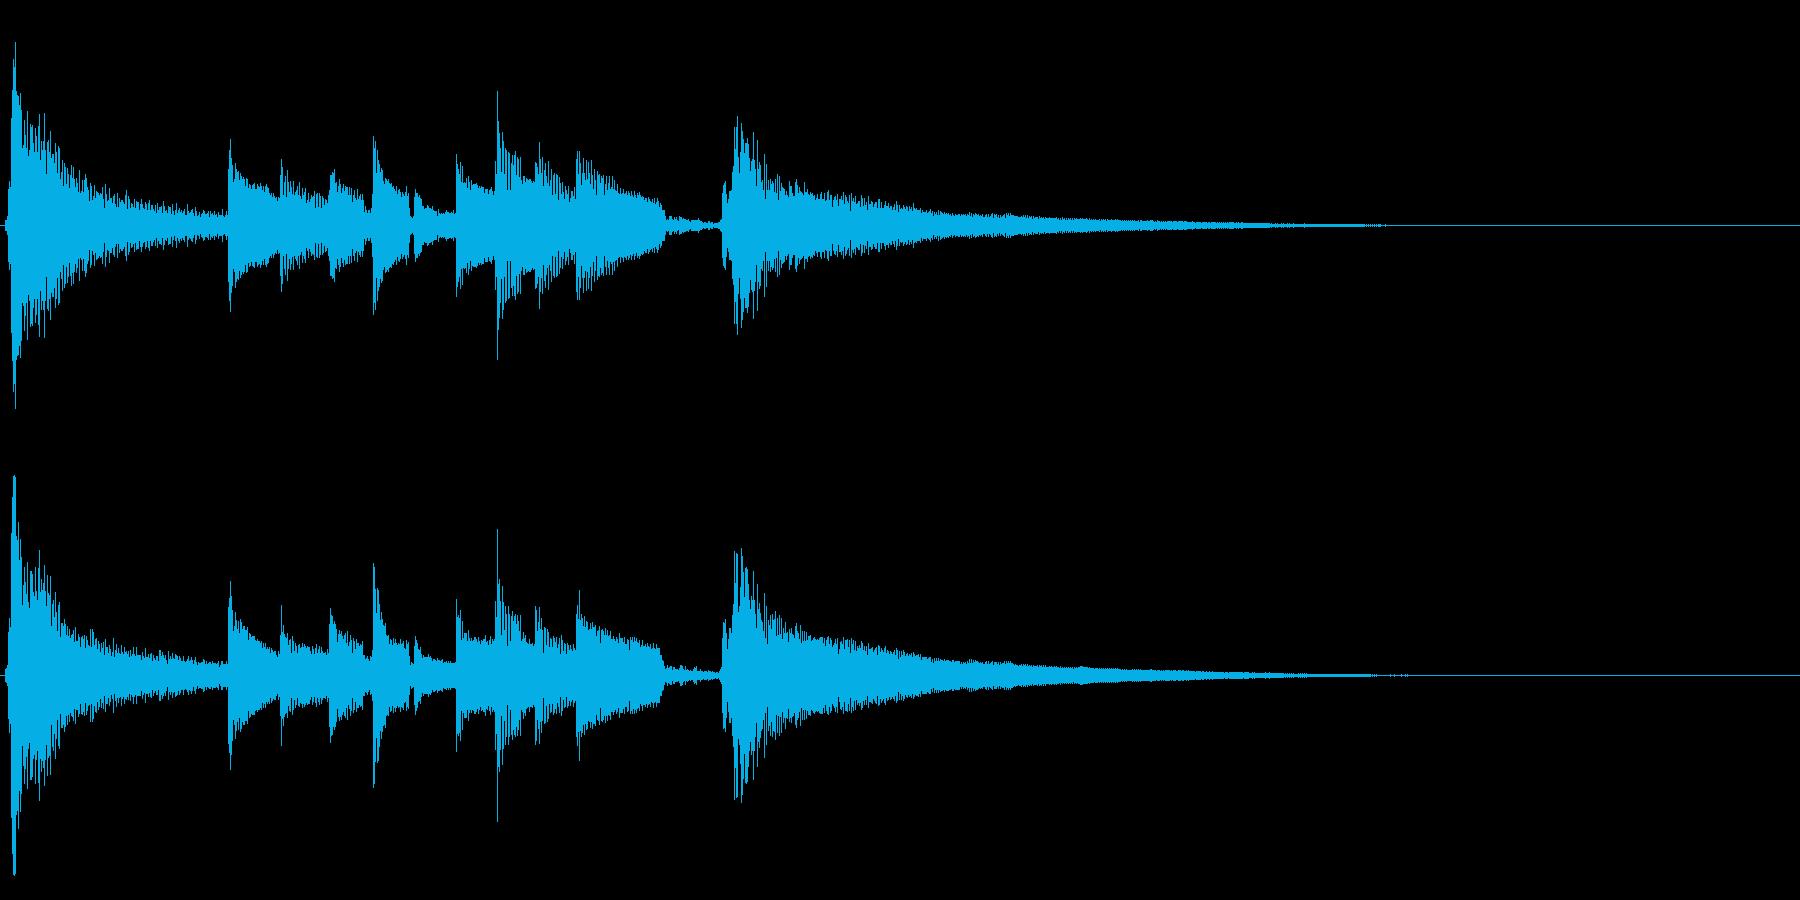 ★アコギ生音のジングル/おしゃれ、10秒の再生済みの波形